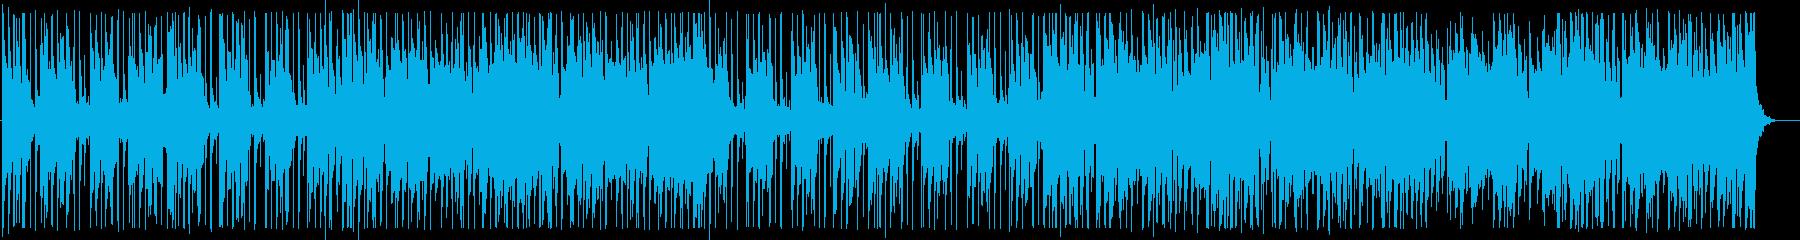 涼しげな夏のカフェBGM_No584_2の再生済みの波形